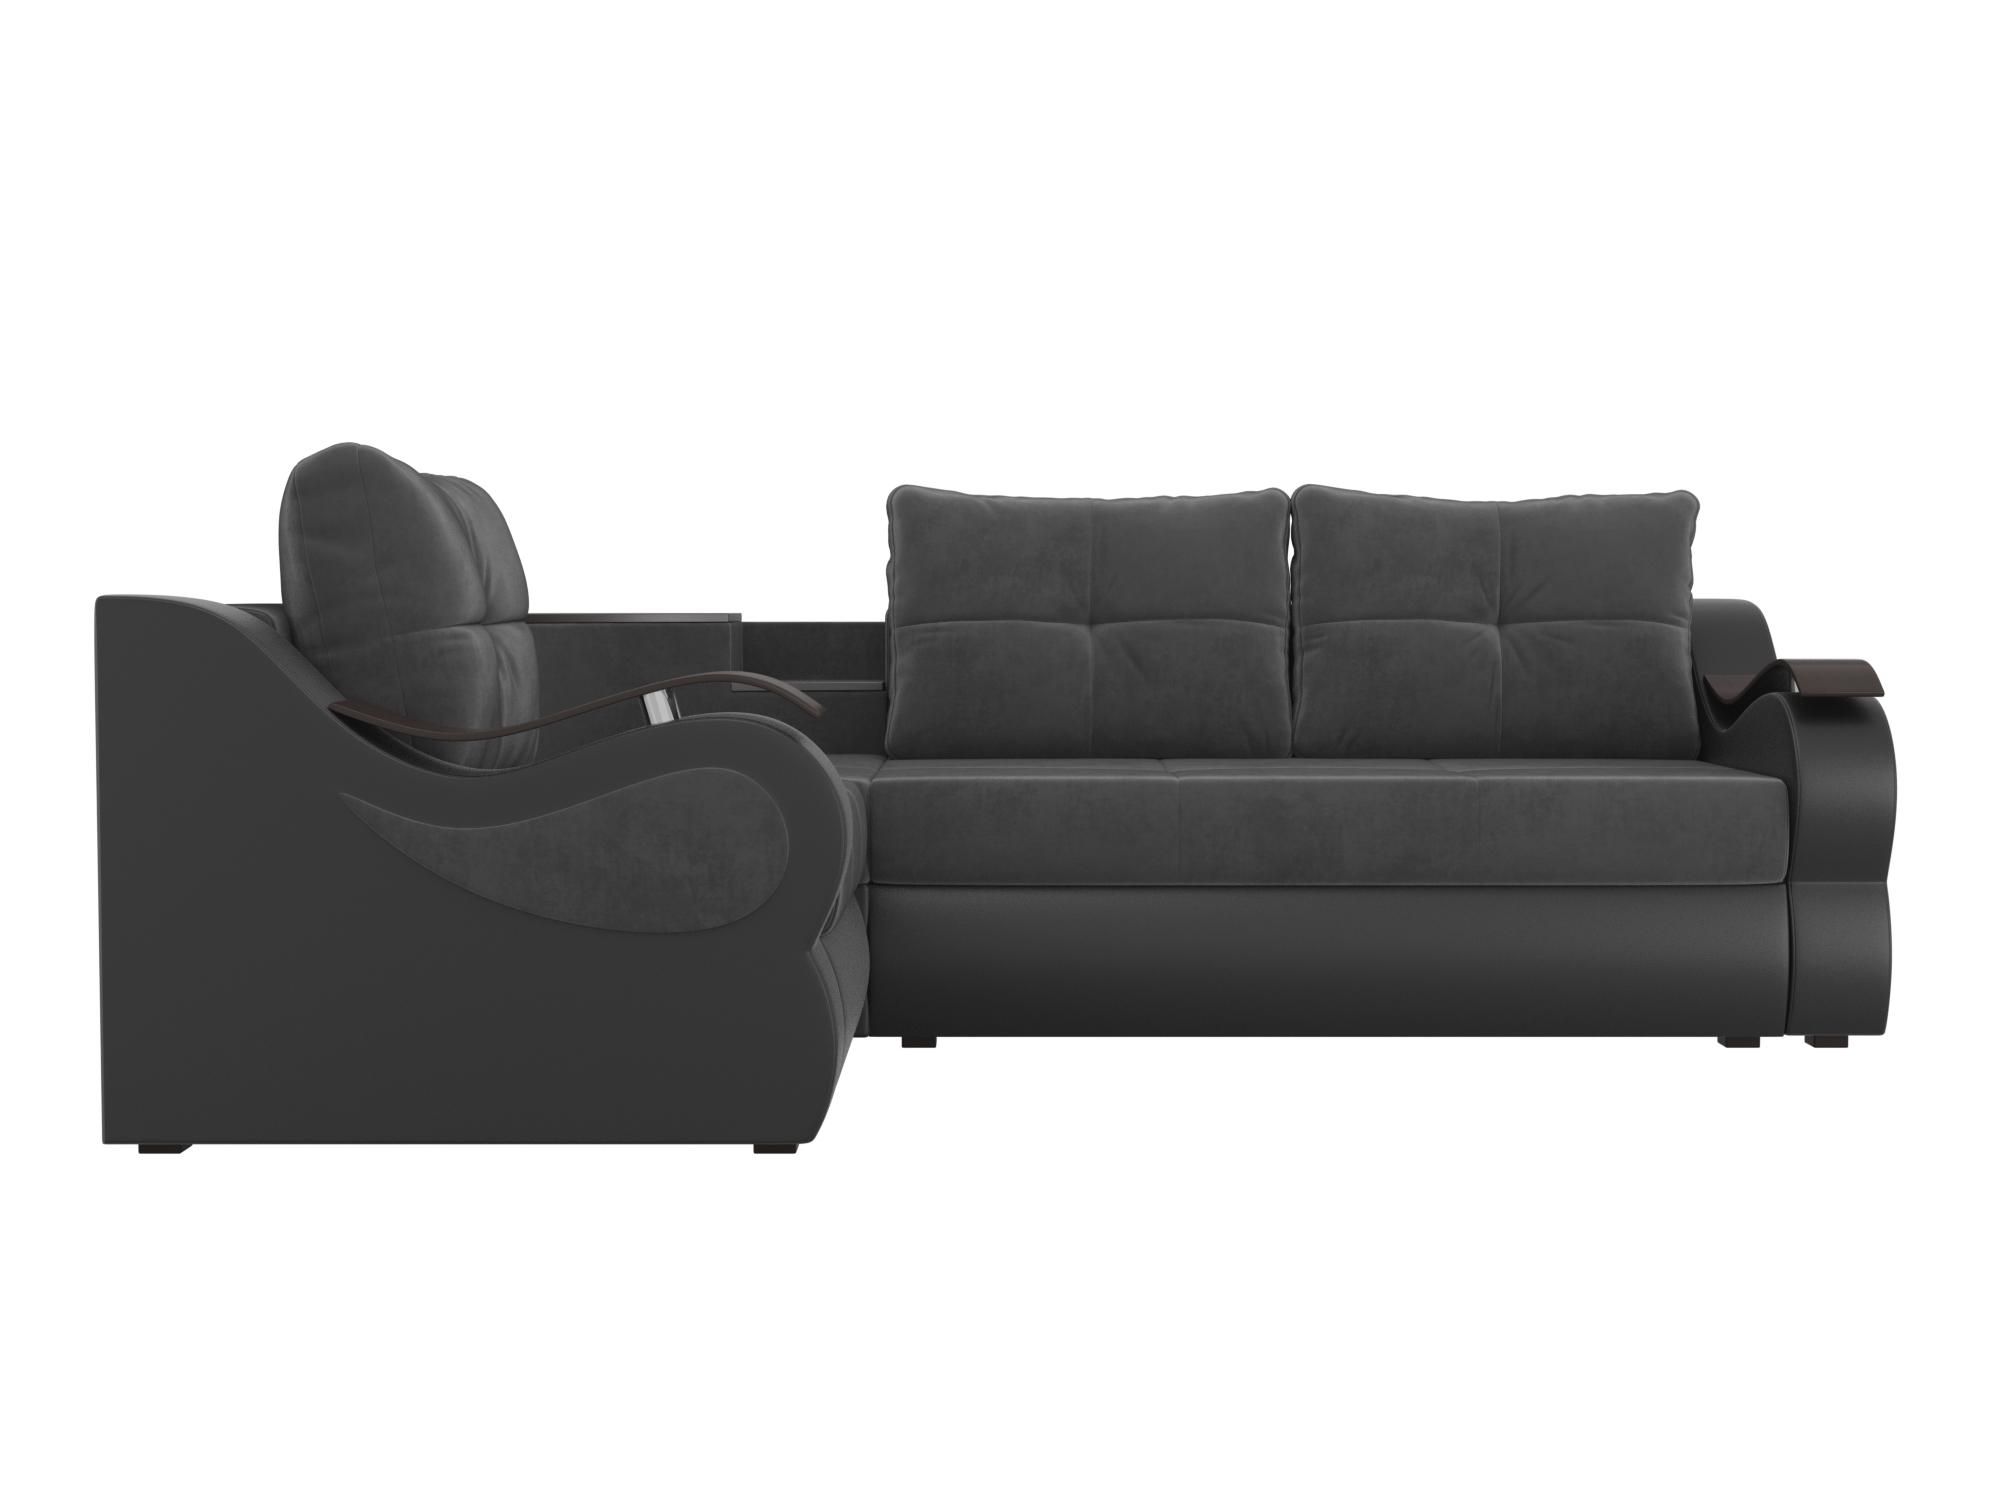 Угловой диван Митчелл Левый MebelVia Серый, Черный, Велюр, ЛДСП Серый, Черный